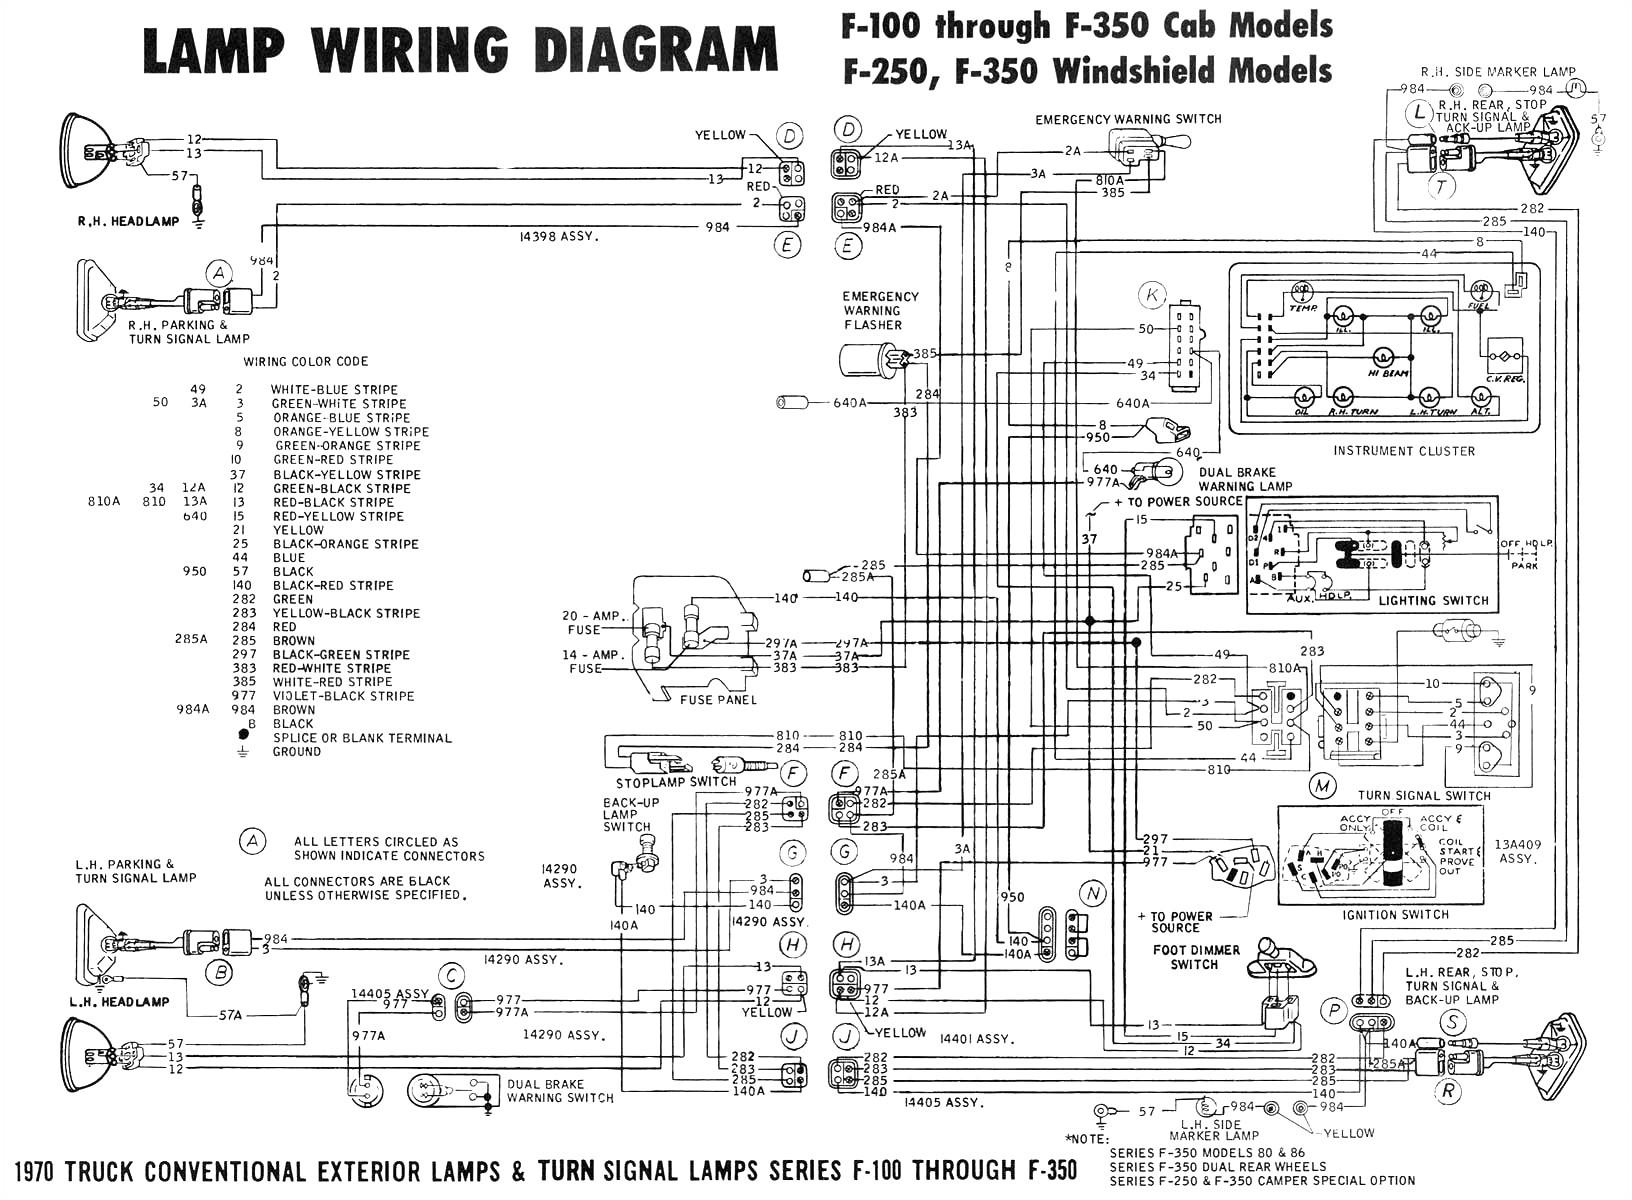 94 ford f350 wiring diagram wiring diagram term 94 f350 starter wiring diagram 94 f350 wiring diagrams